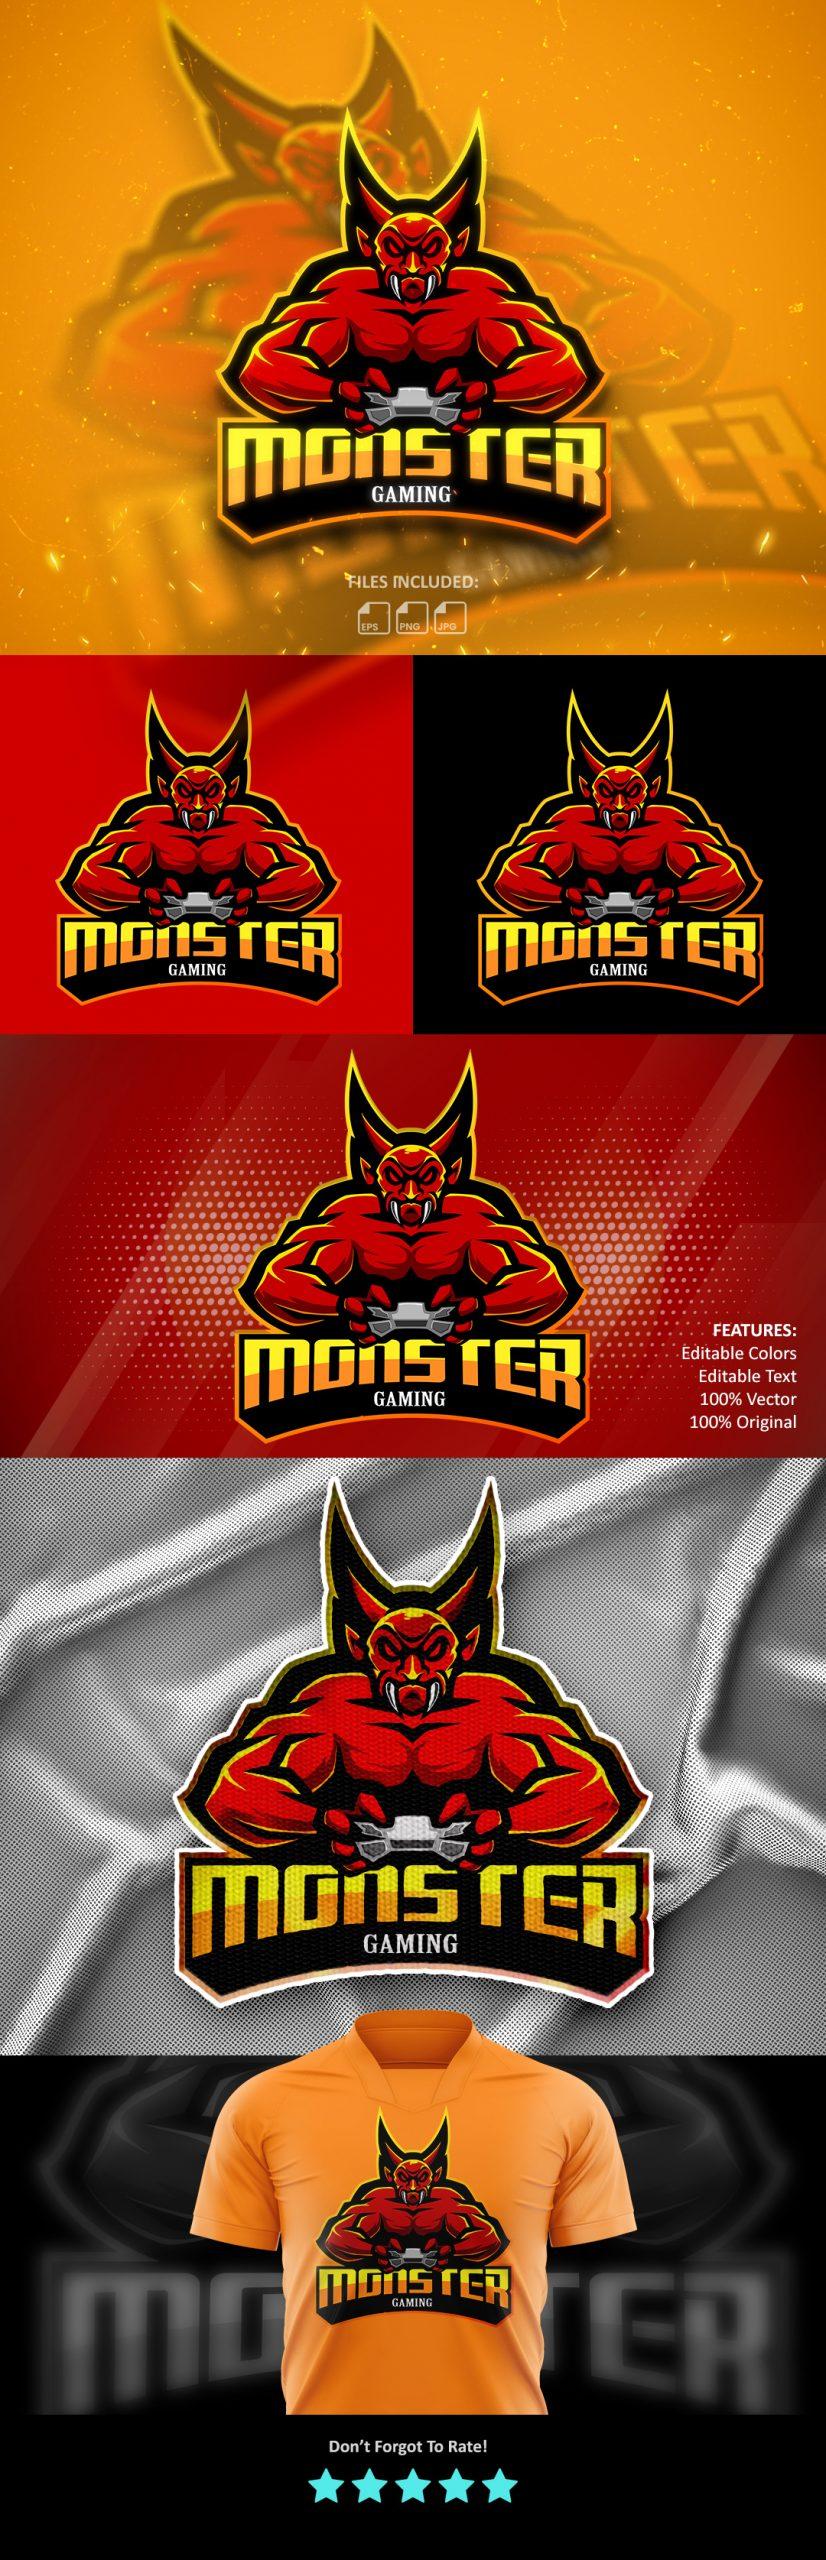 Free-Download-Monster-Gaming-Esports-Logo